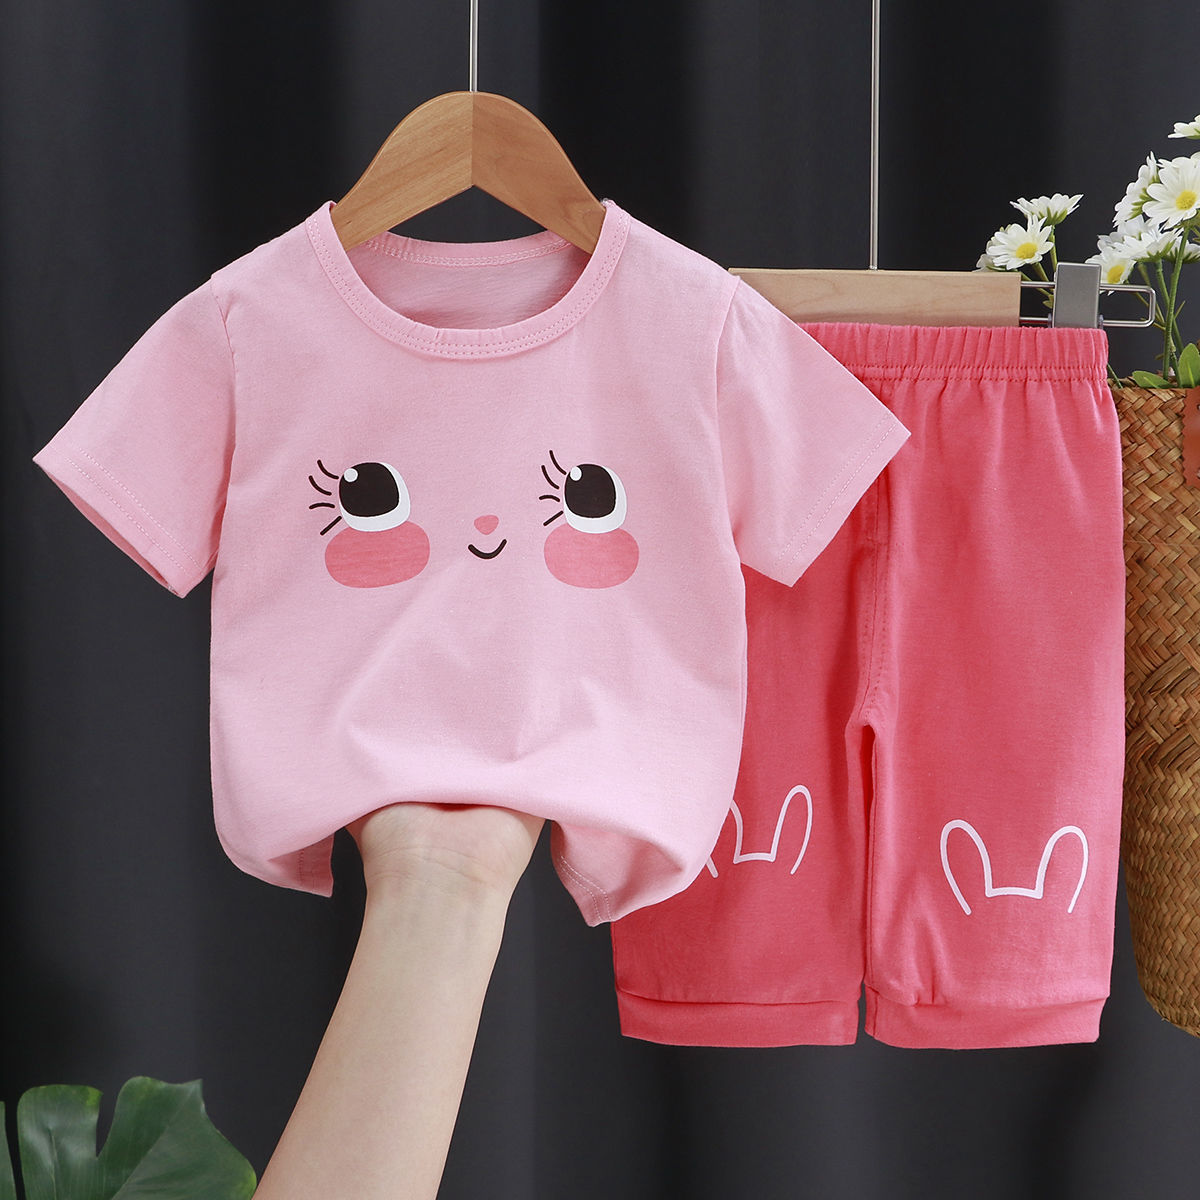 夏季儿童纯棉短袖套装中小童半袖短裤男童女童装夏装宝宝T恤0-7岁